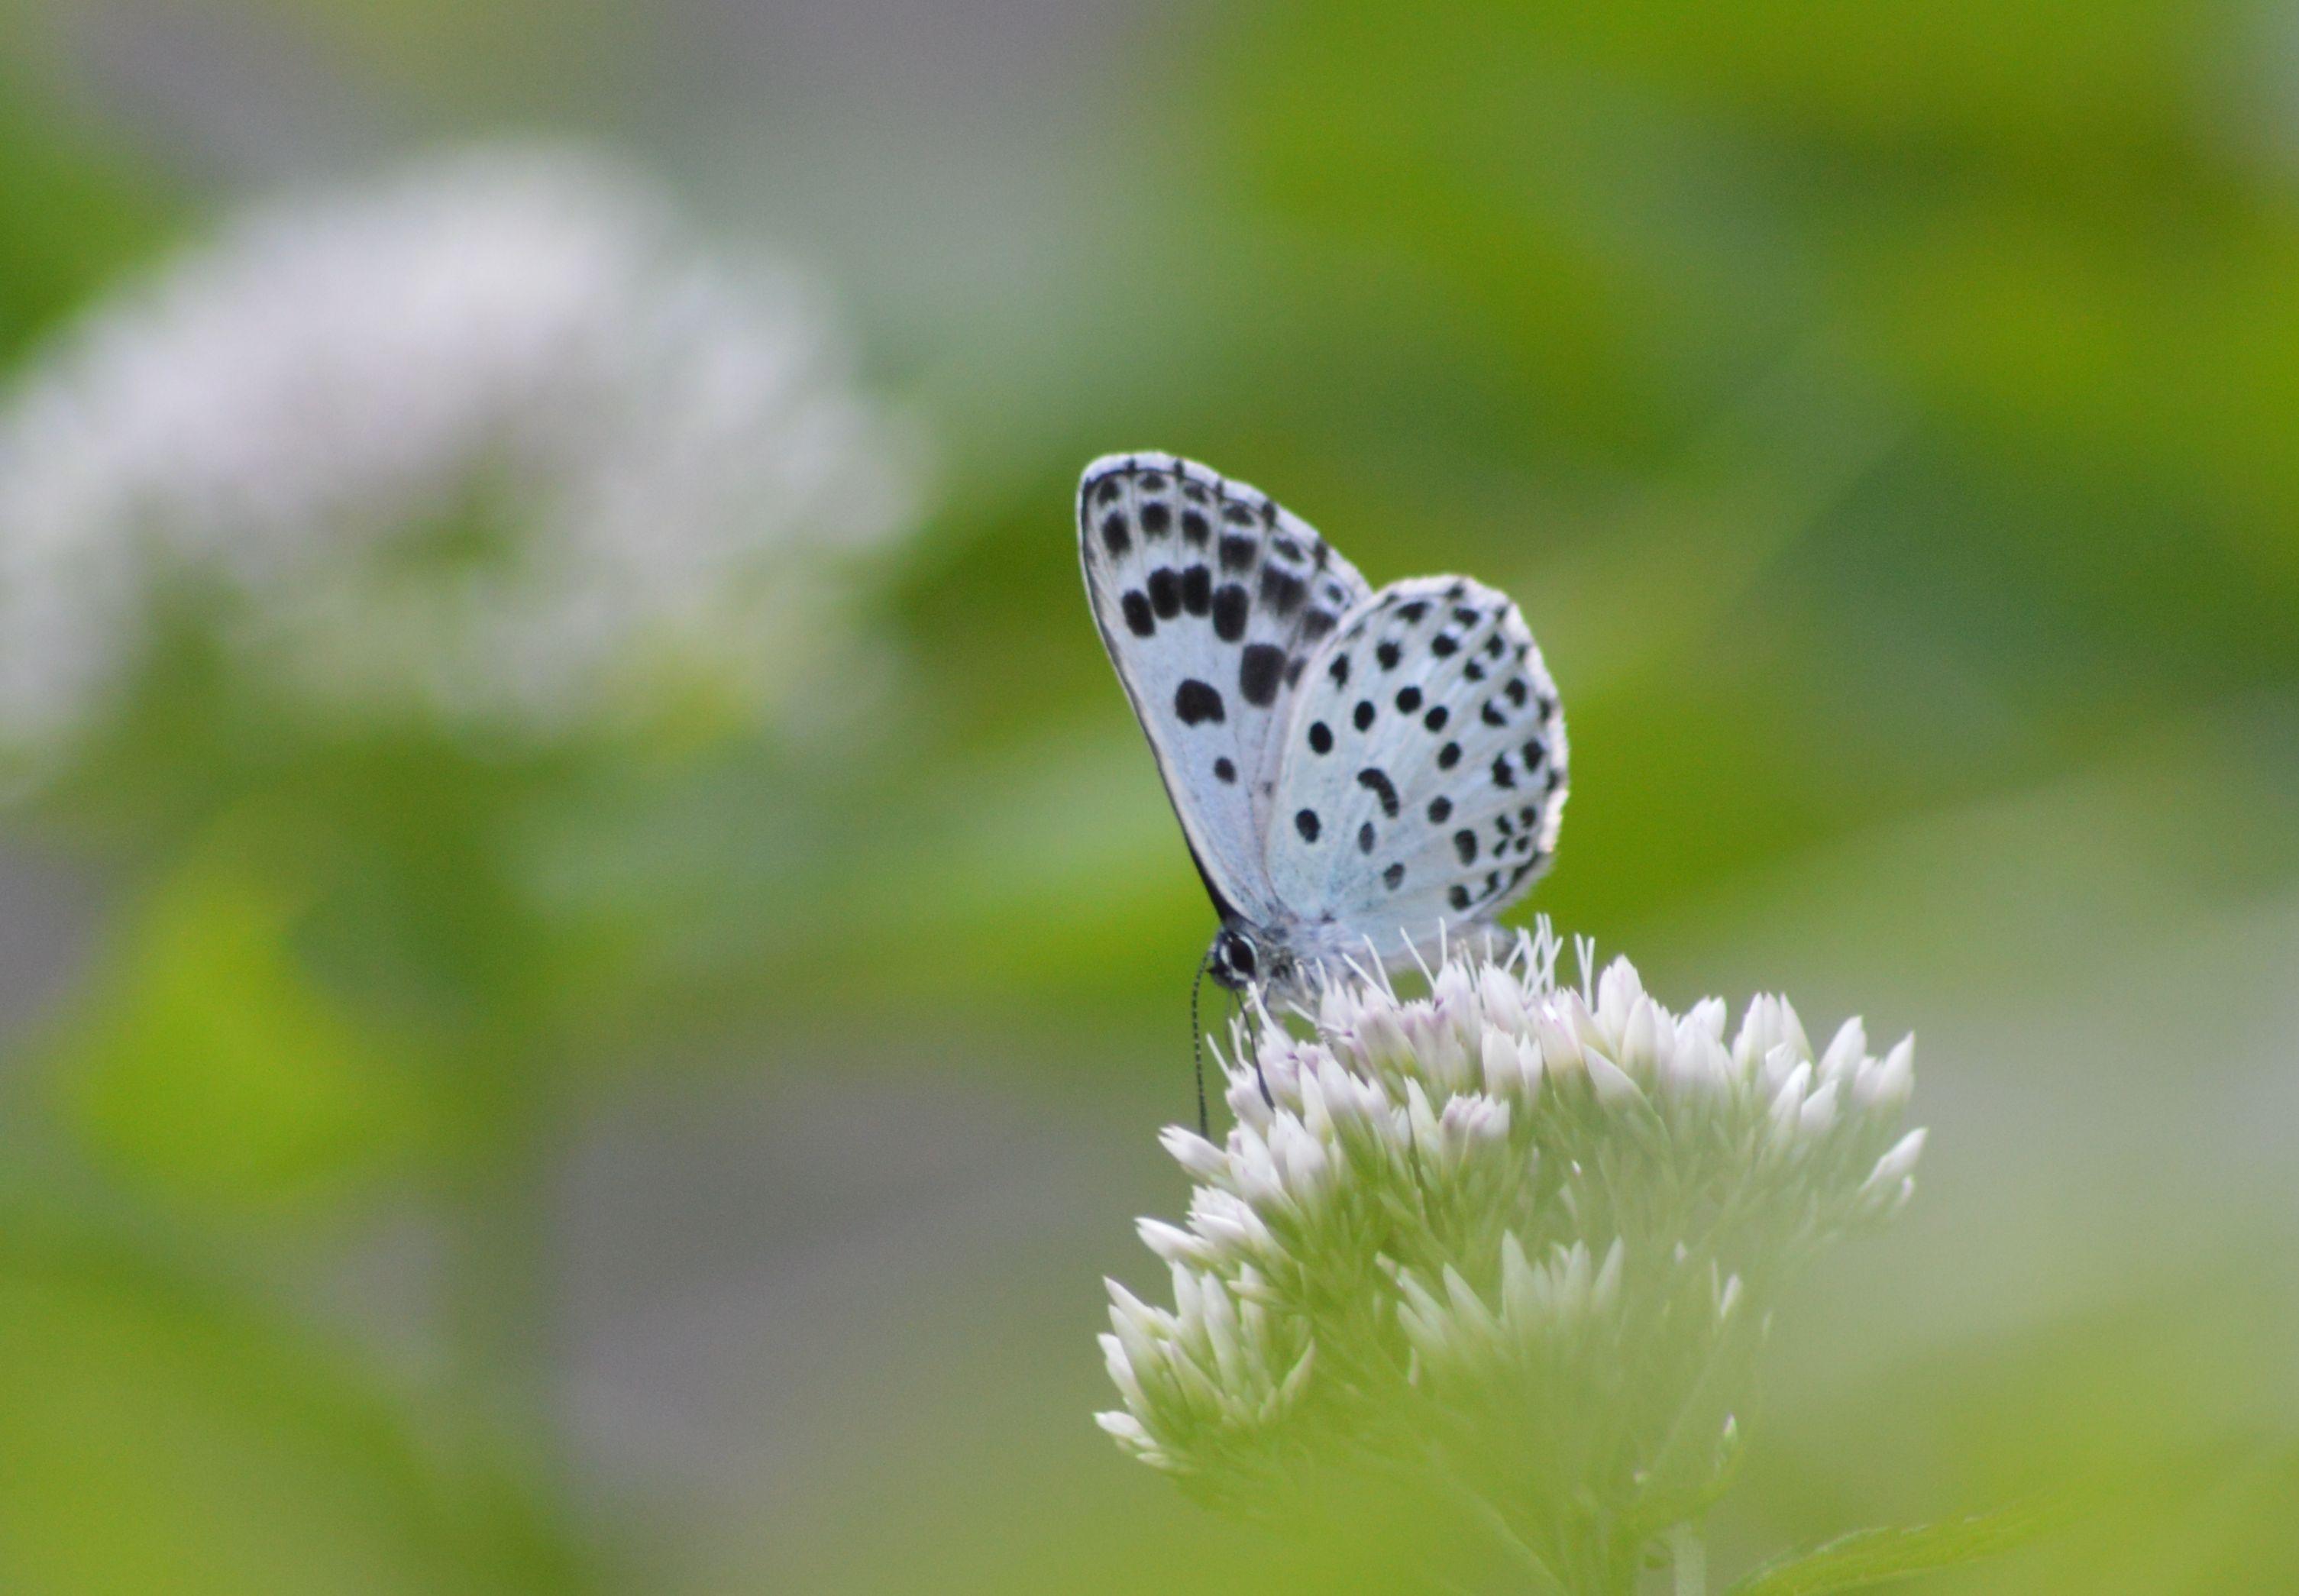 オオゴマシジミ  かなりハードルの高い蝶???_d0254540_8502777.jpg